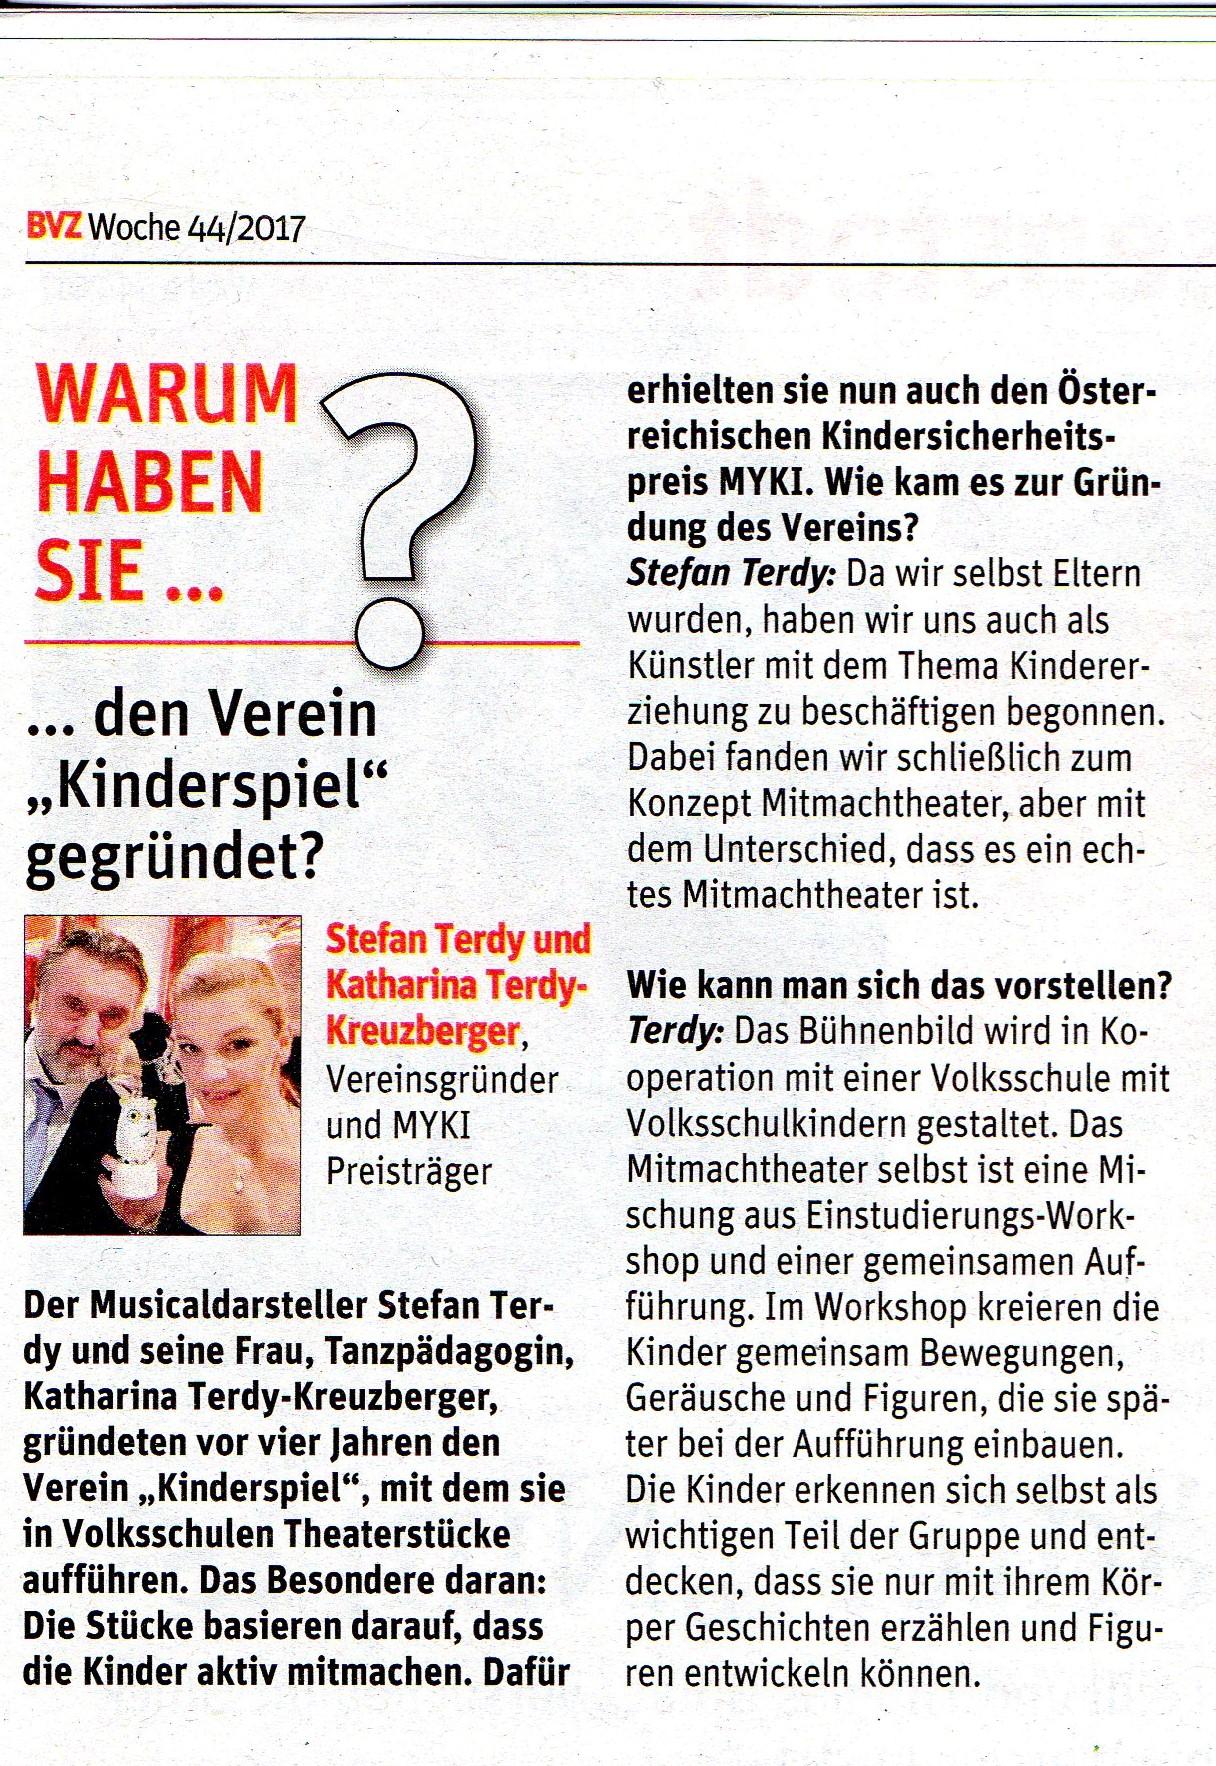 BVZ Woche 44/2017